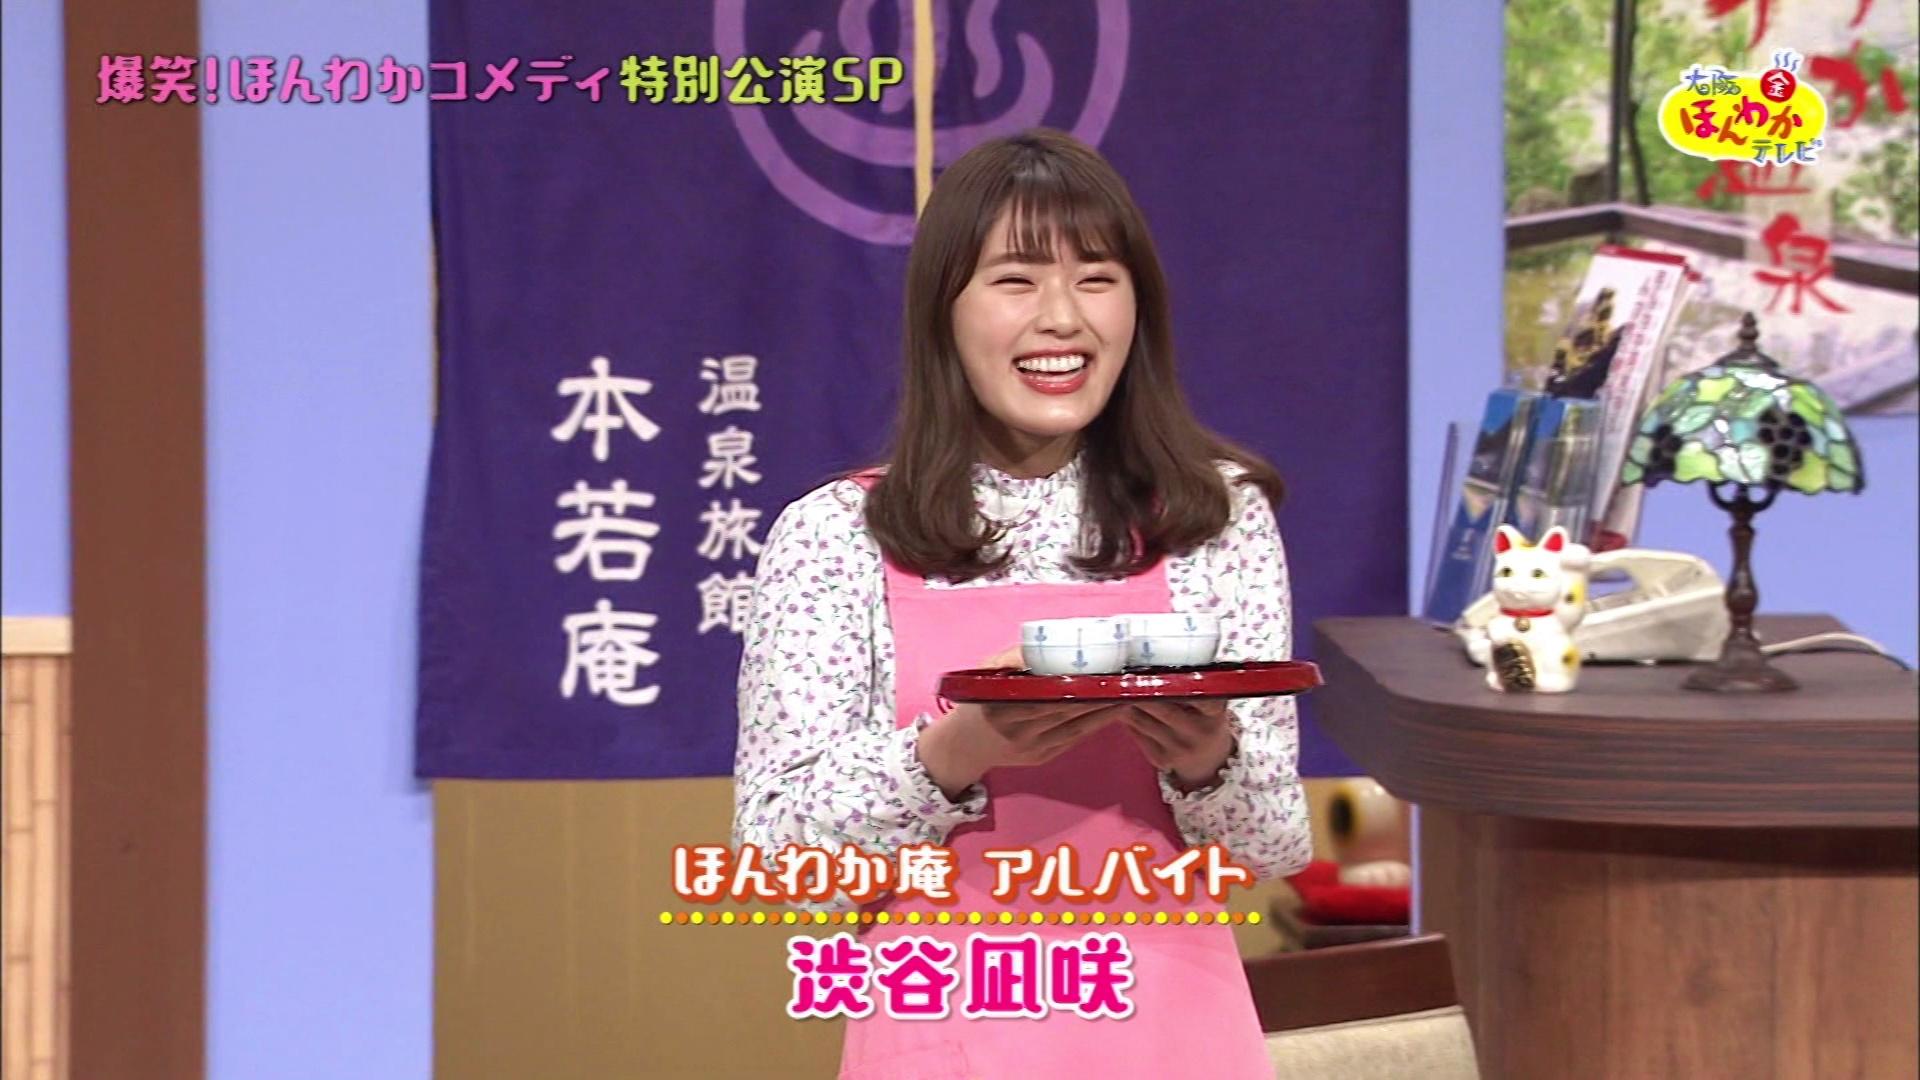 【渋谷凪咲】なぎさ出演・大阪ほんわかテレビ特別編「春の爆笑ほんわかコメディー」の画像。